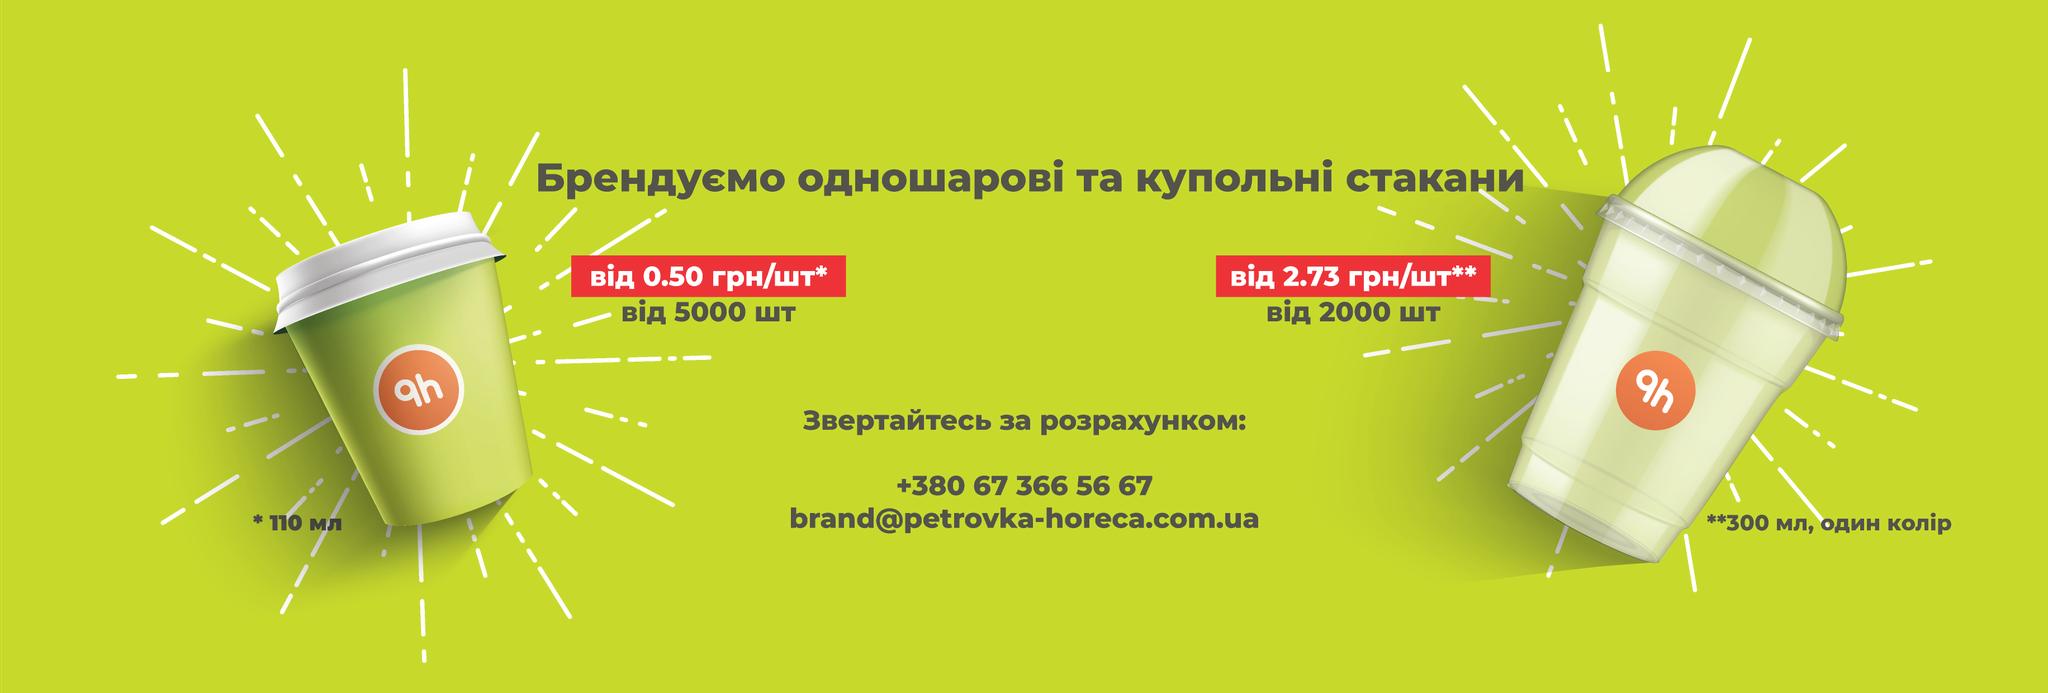 Все для кофейни от https://petrovka-horeca.com.ua/